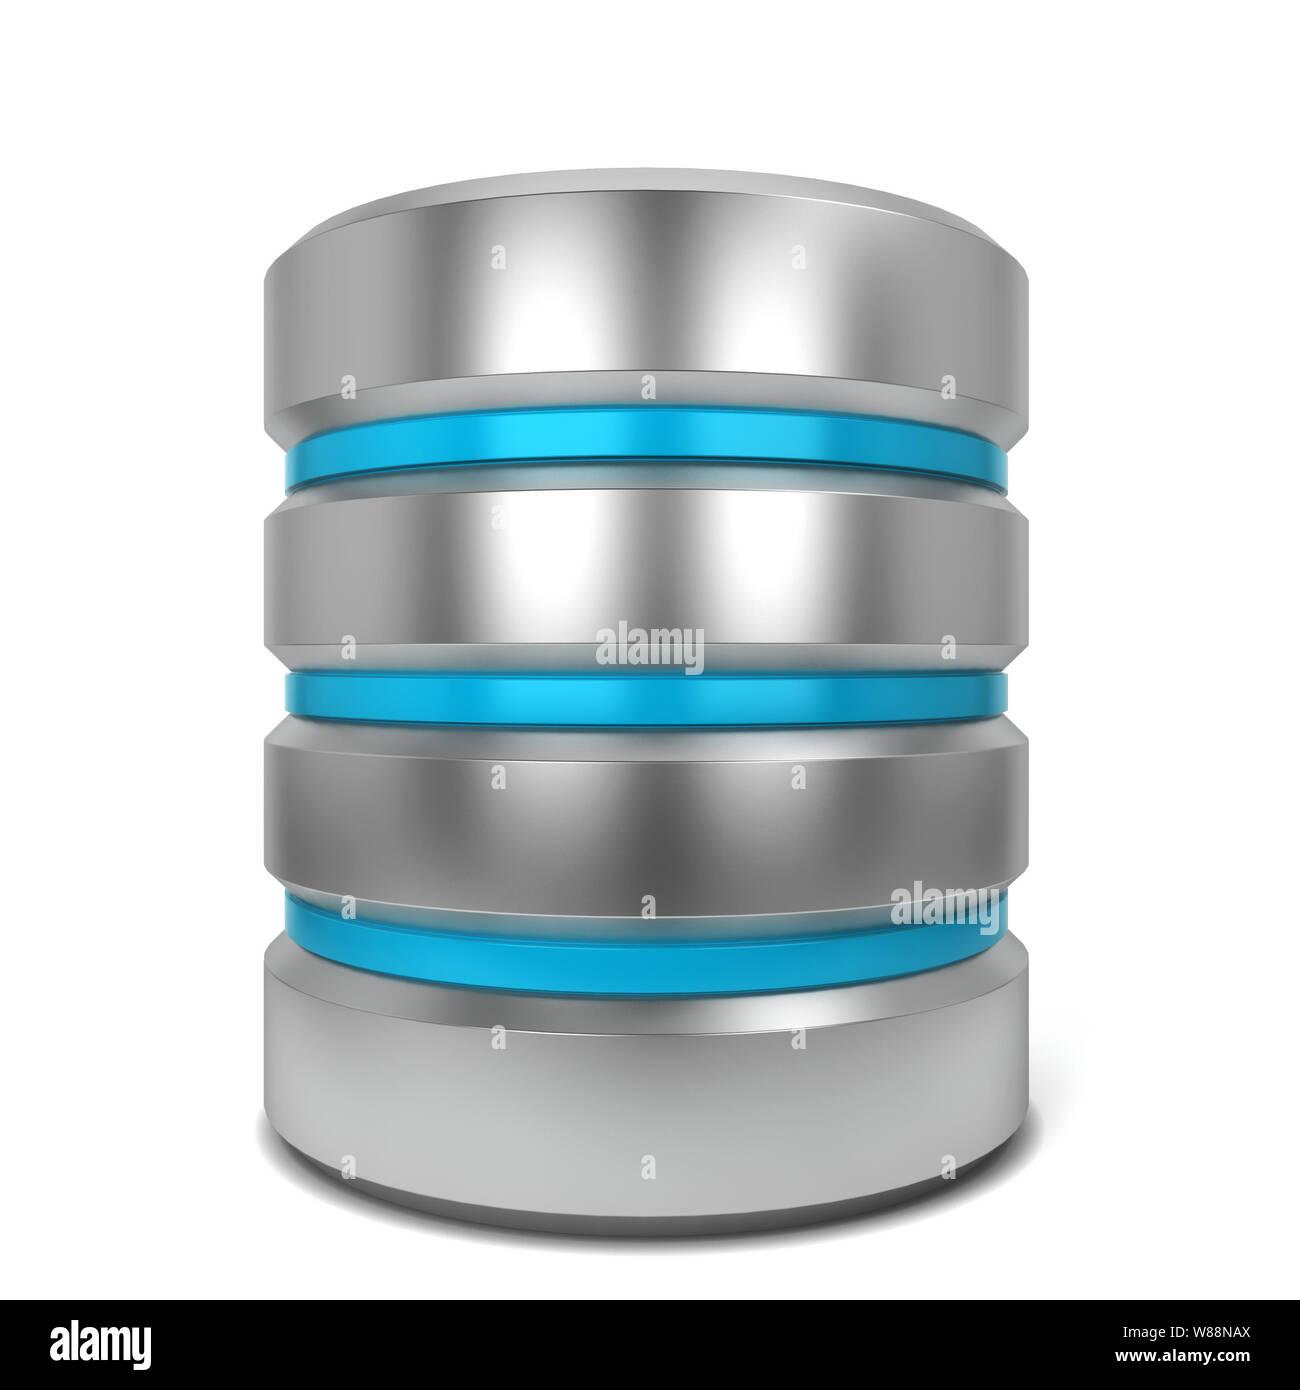 Database Icon Stock Photos & Database Icon Stock Images - Alamy